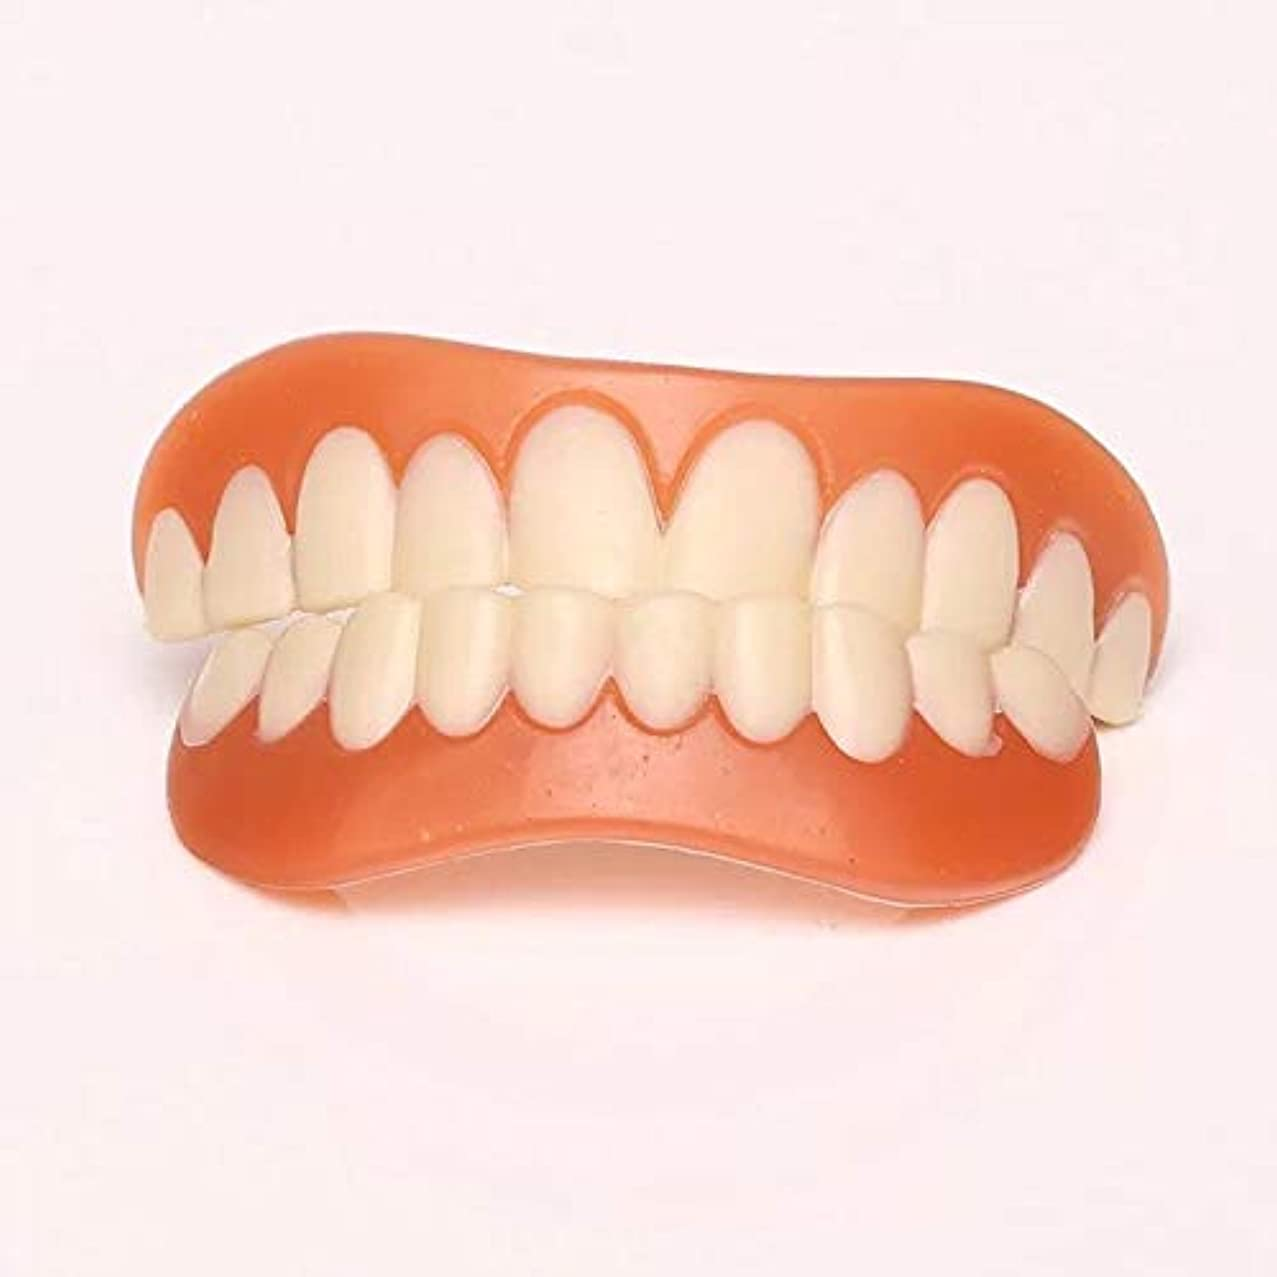 不快な曇った不測の事態シリコーンシミュレーション歯の義歯スリーブ、上下列ホワイトニング歯ステッカー(1セット),A